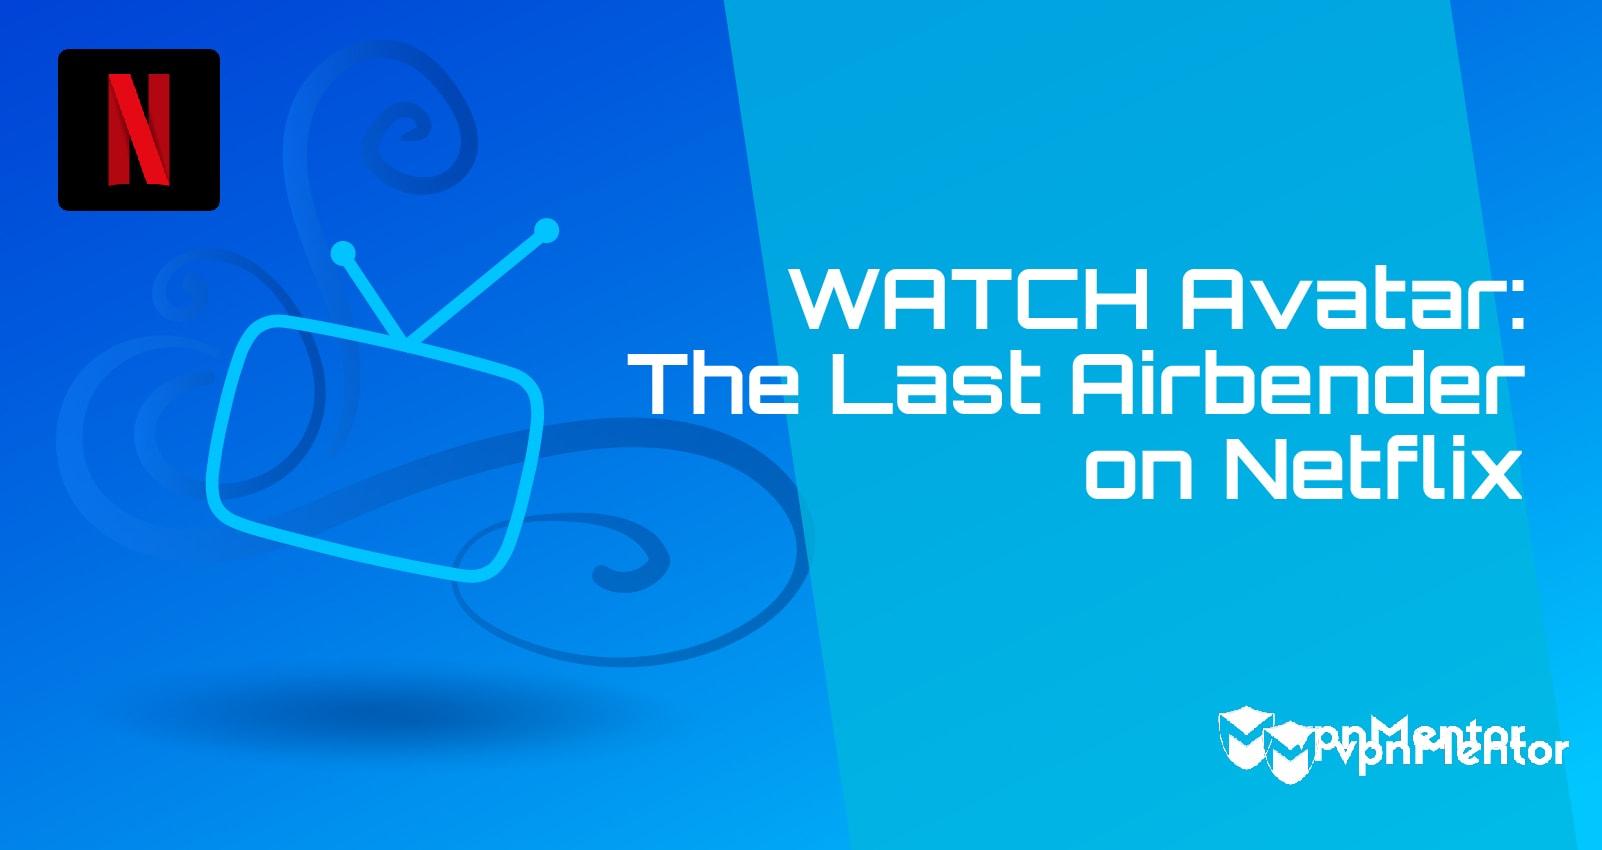 watch avatar the last airbender netflix